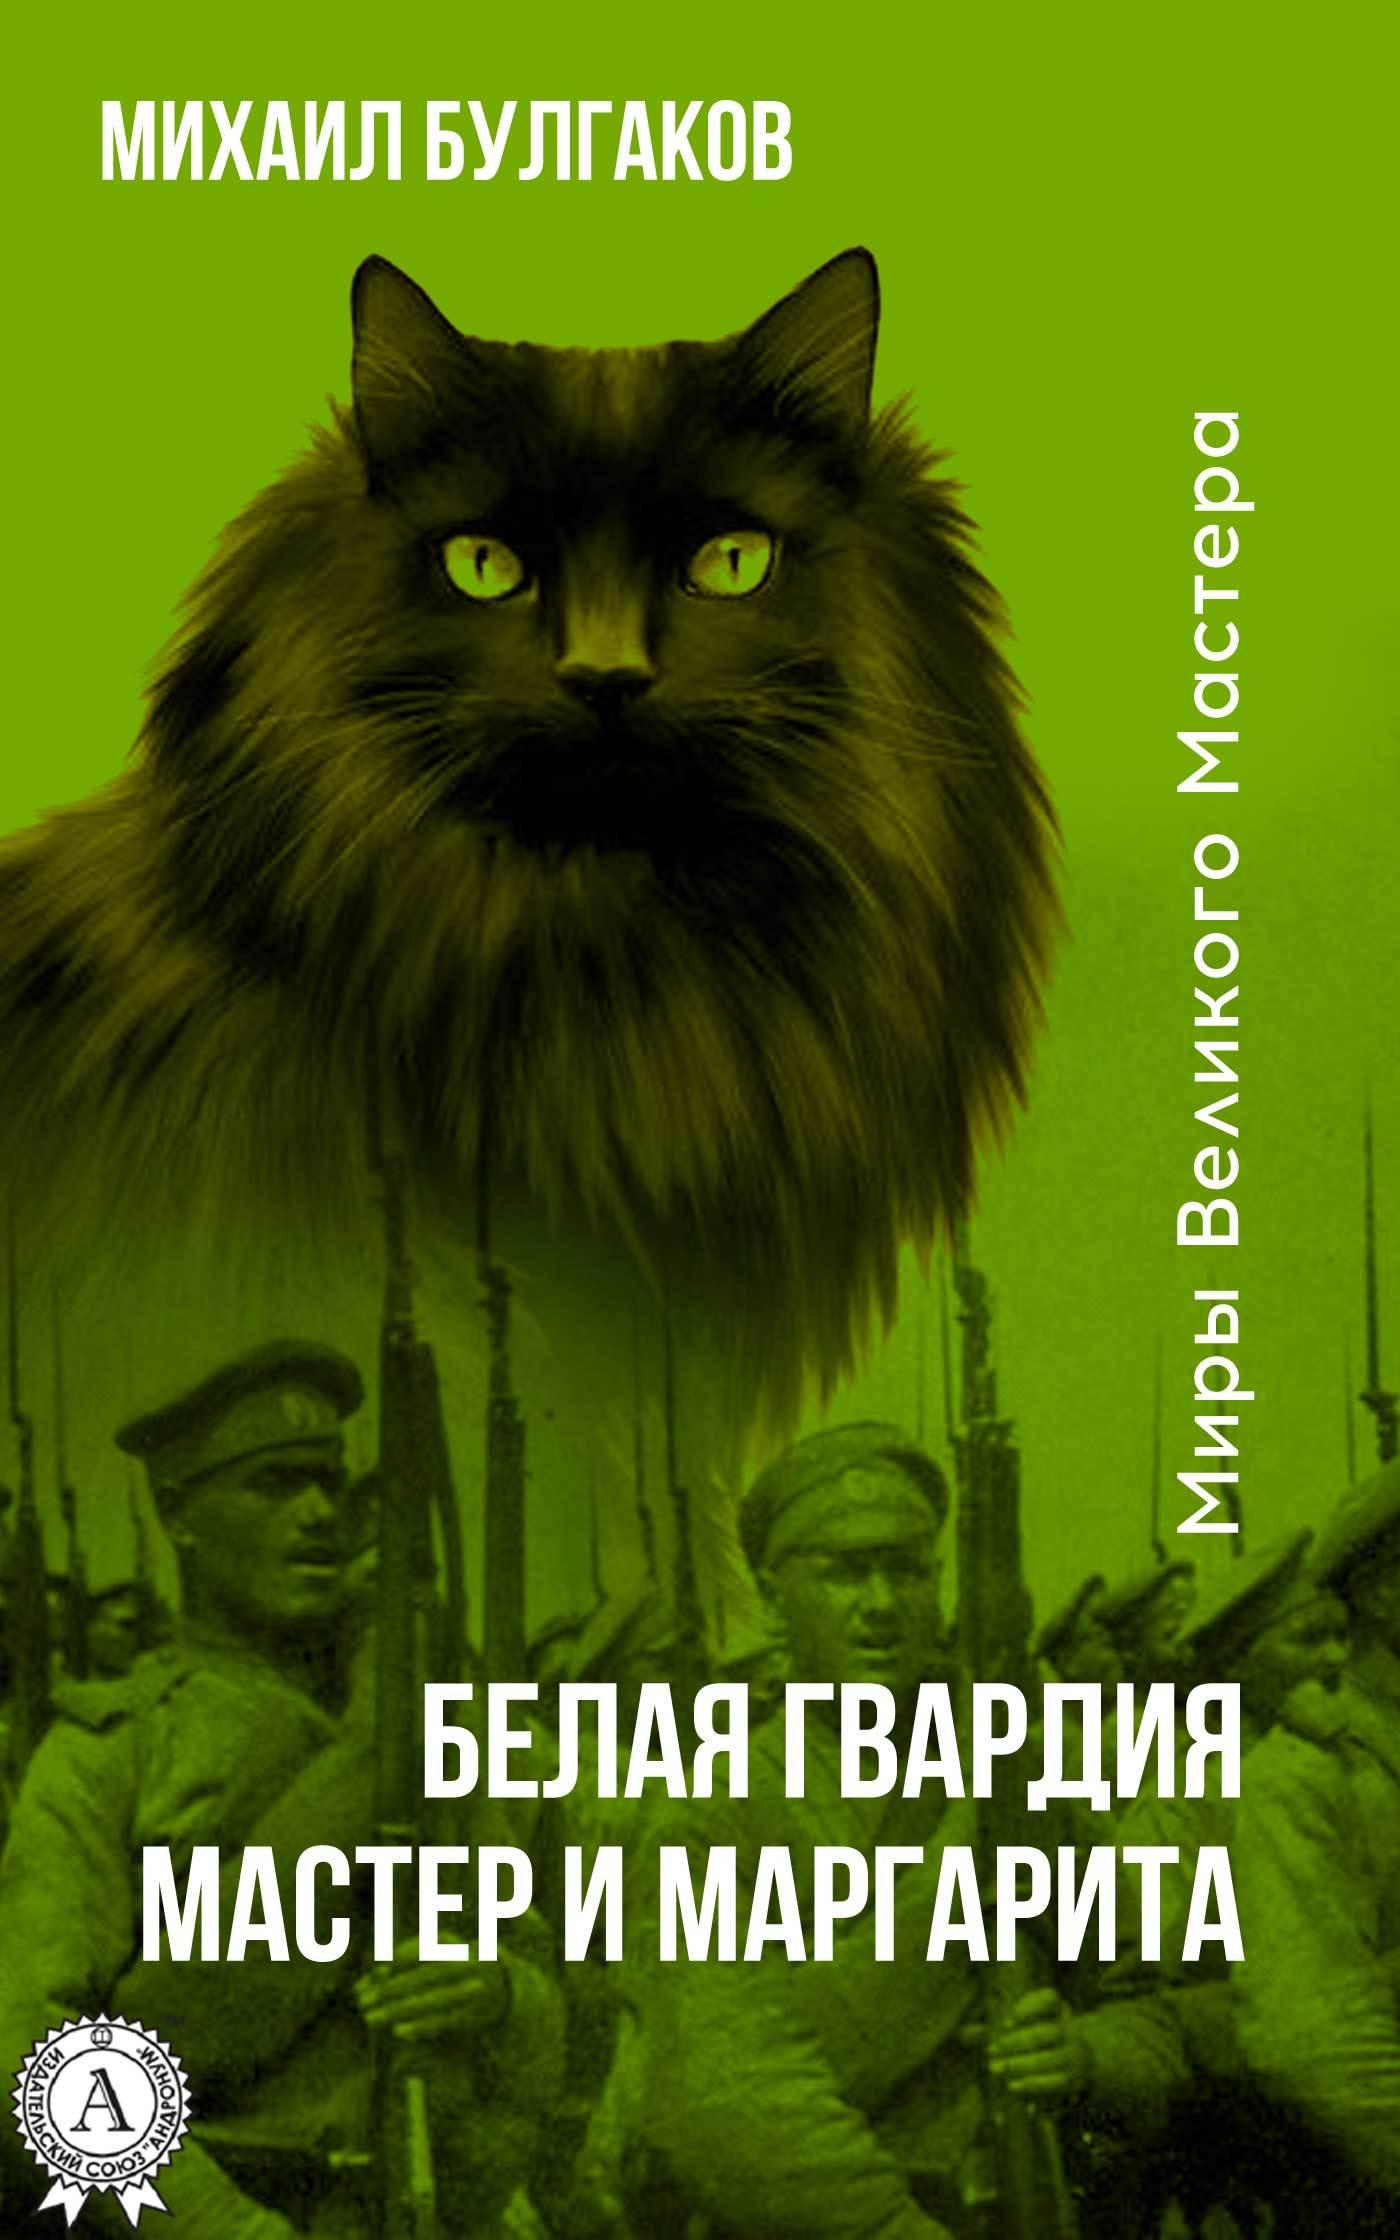 Книга Белая гвардия. Мастер и Маргарита (Иллюстрированное издание)